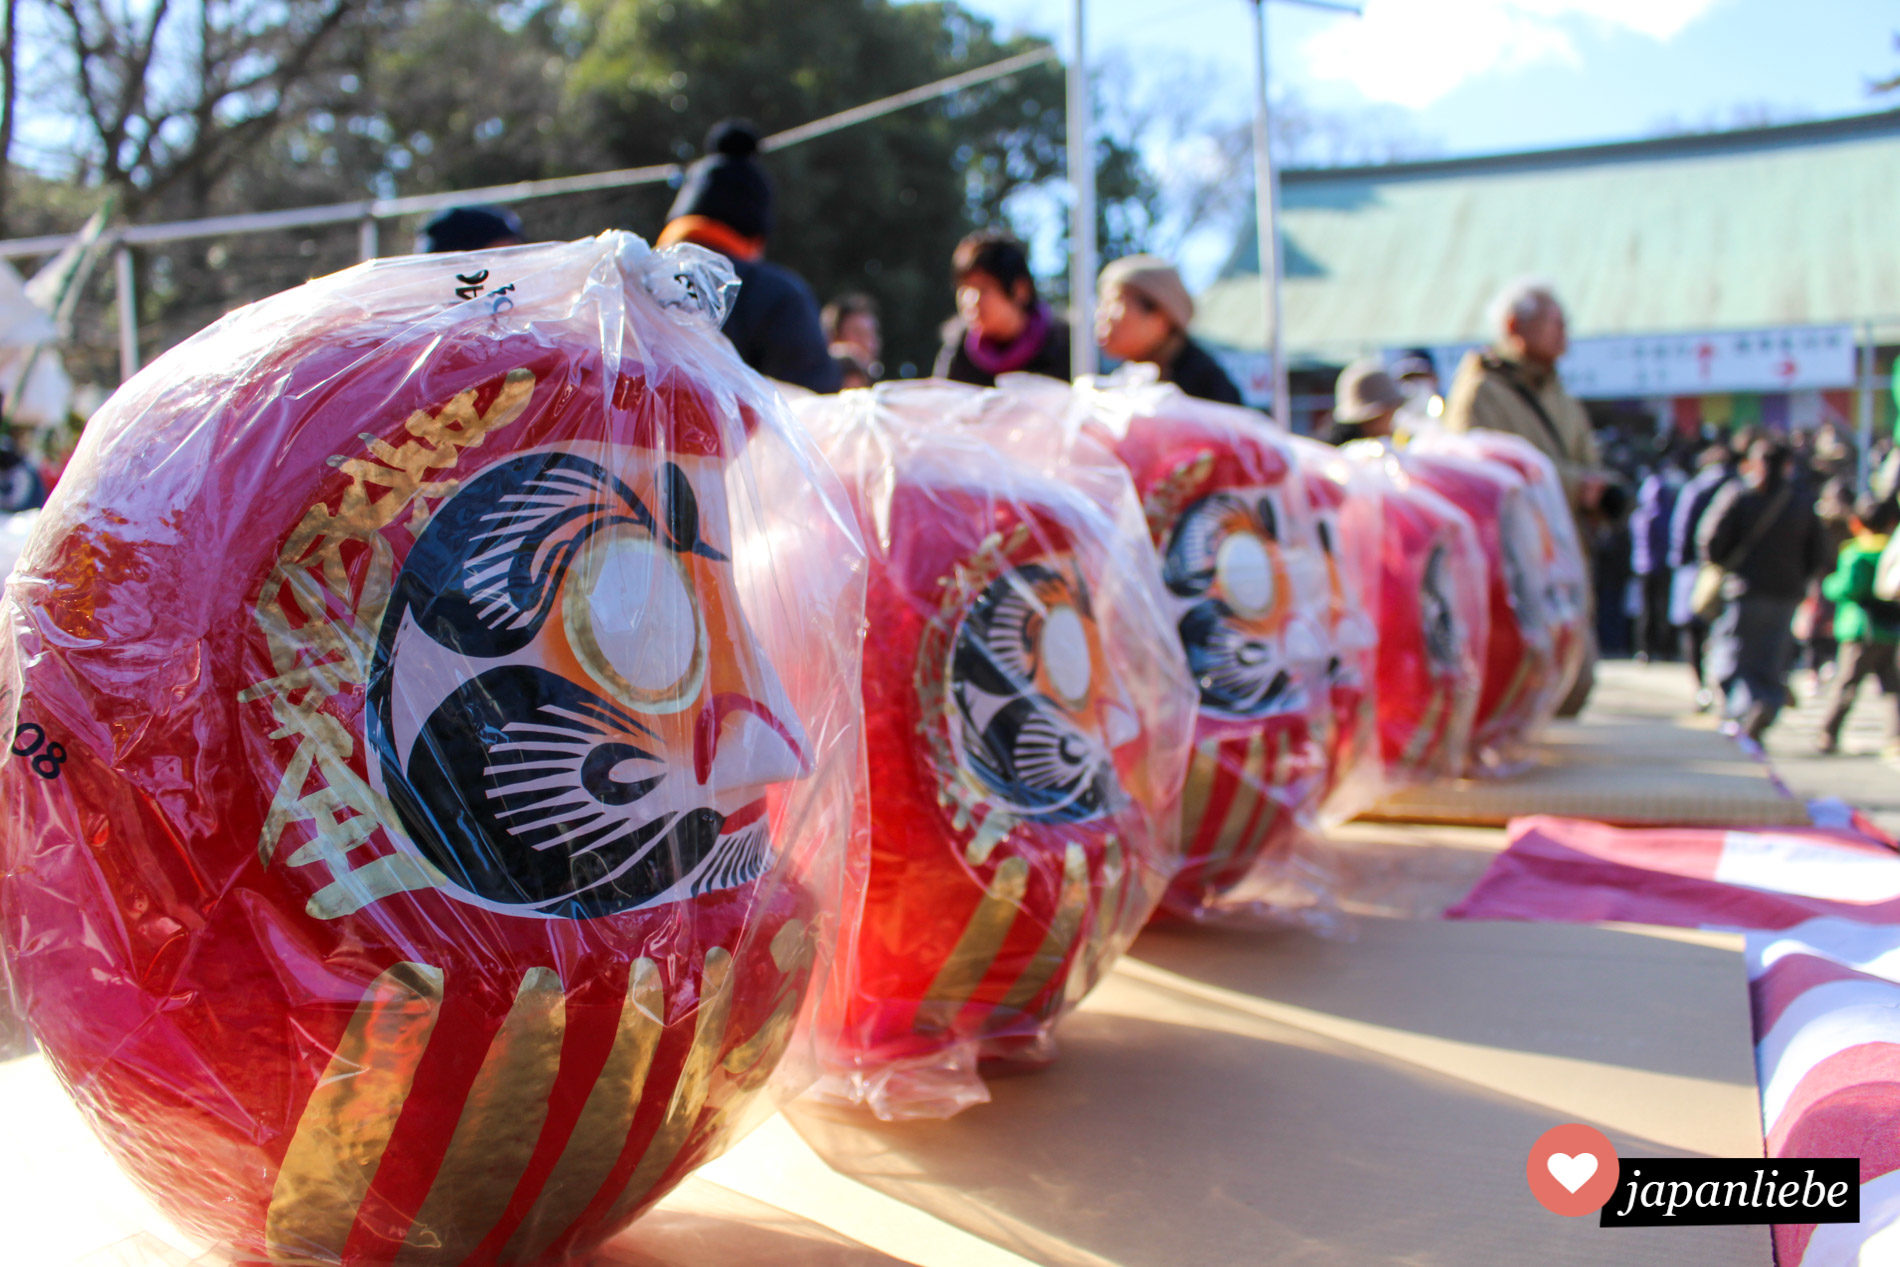 In Reih und Glied warten daruma Stehaufmännchen darauf in Kawagoe gekauft zu werden und ihrem neuen Besitzer, einen Wunsch zu erfüllen.